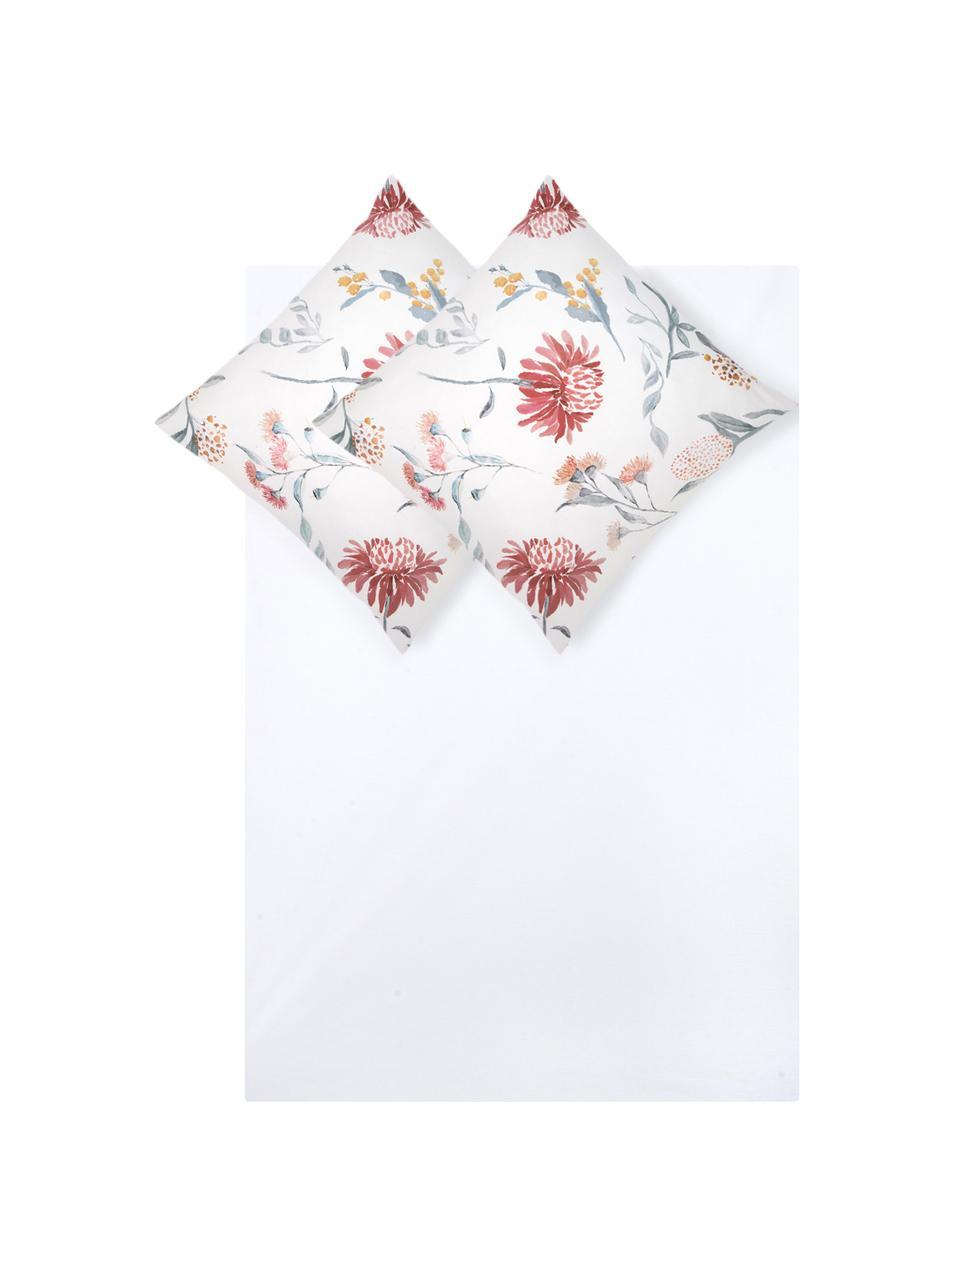 Baumwollsatin-Bettwäsche Evie mit Aquarell Blumen-Muster, Webart: Satin Fadendichte 210 TC,, Vorderseite: Floraler DruckRückseite: Weiß, 240 x 220 cm + 2 Kissen 80 x 80 cm